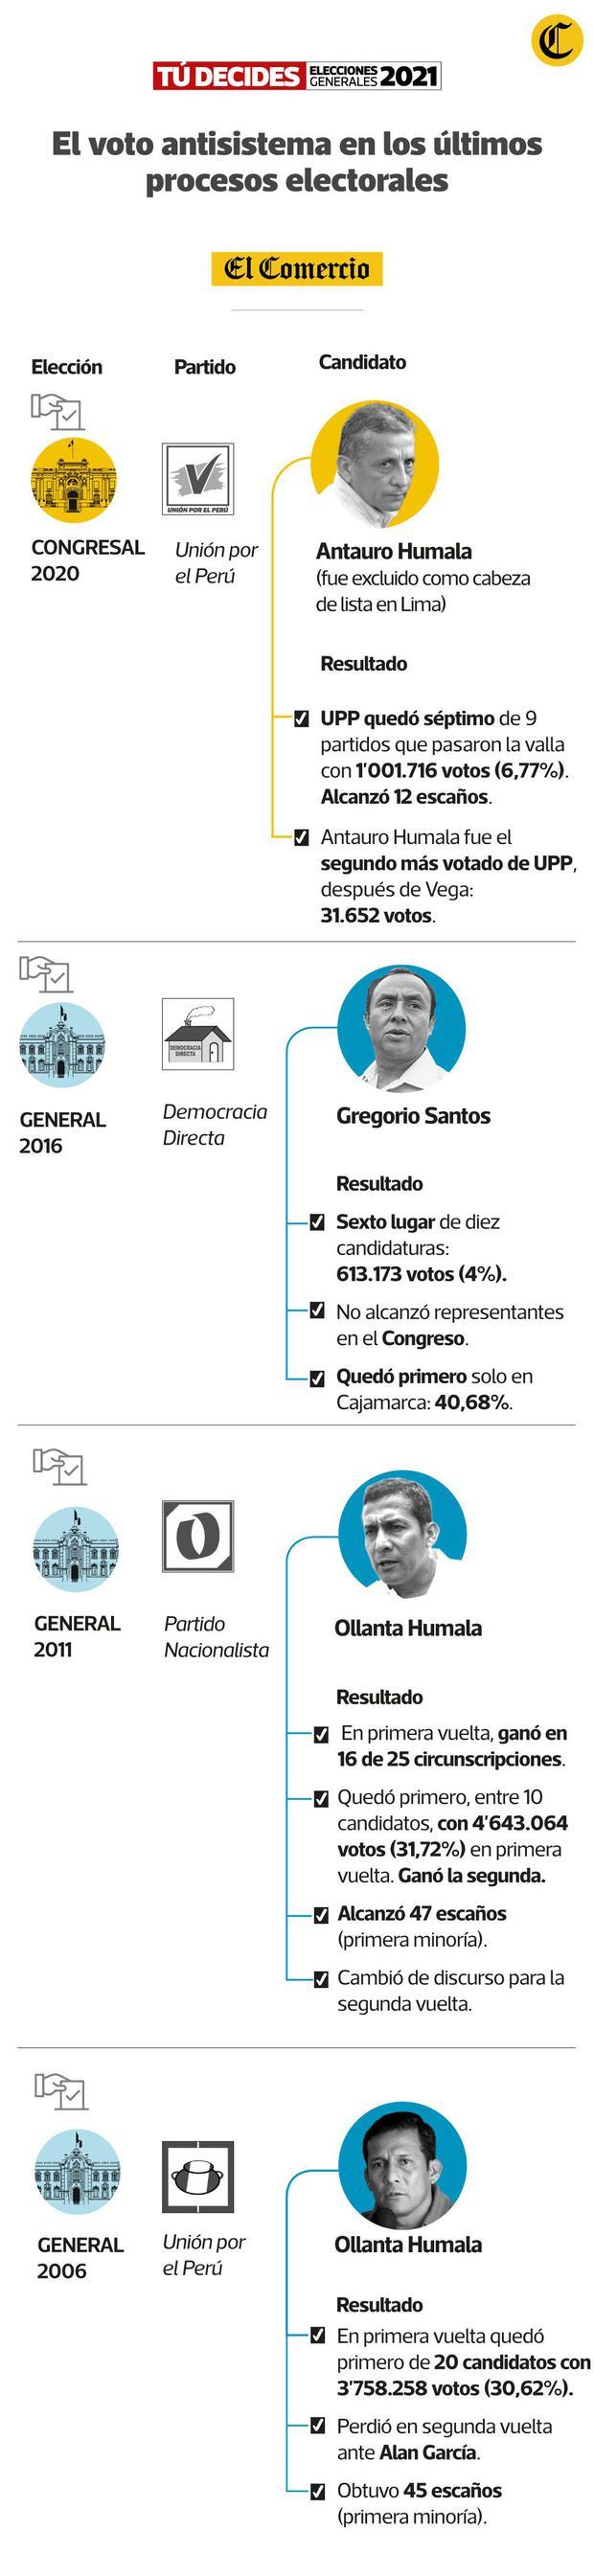 (Infografía: Luis Huaytan Rojas / El Comercio)